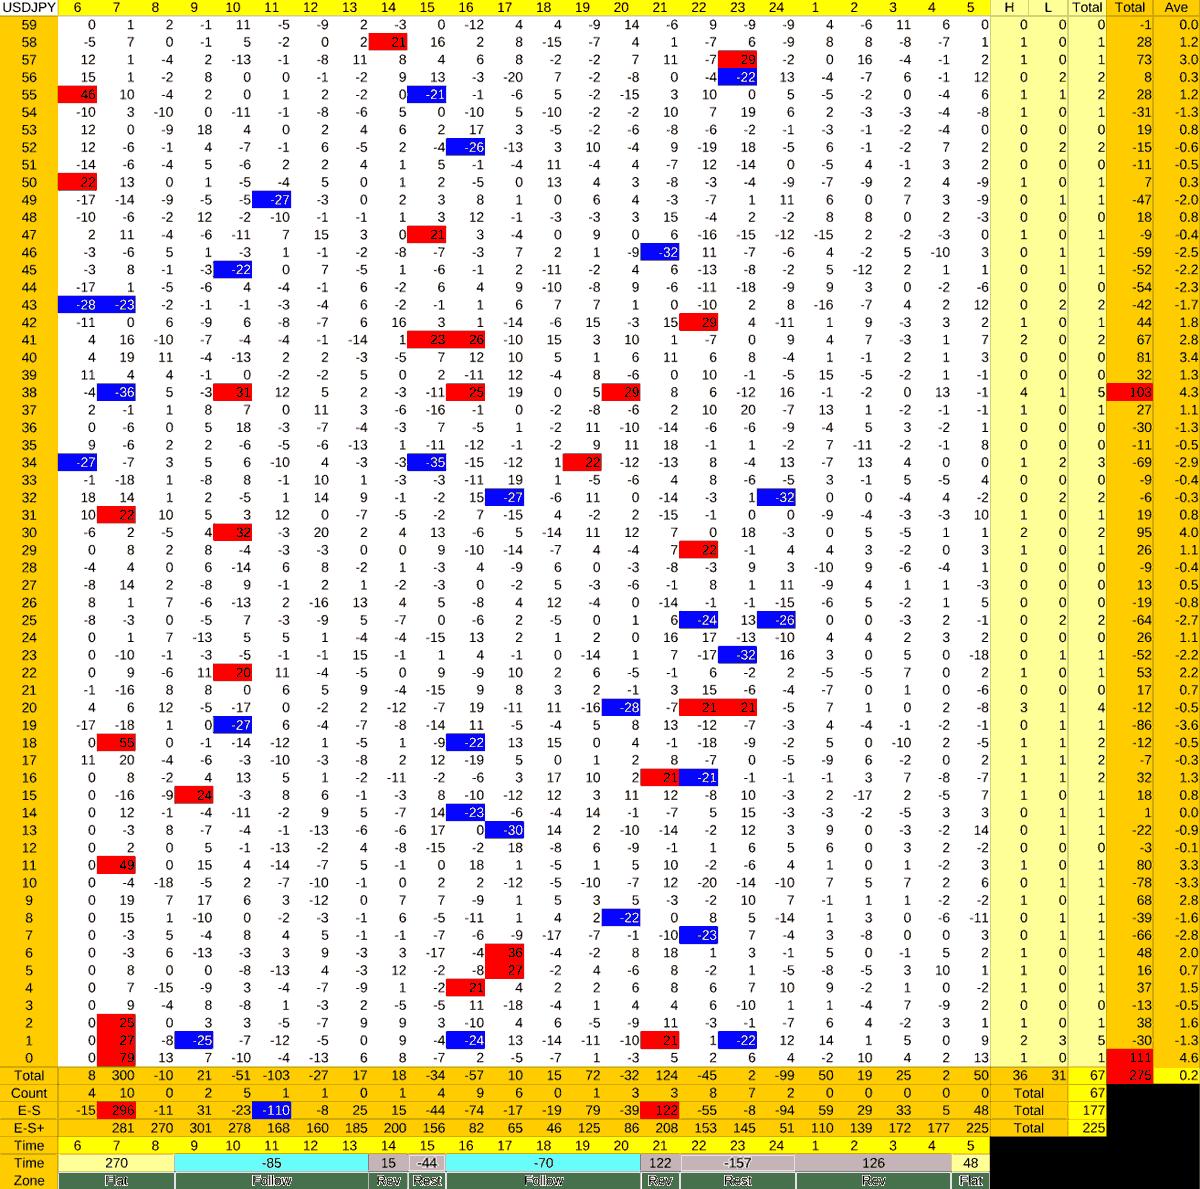 20210322_HS(1)USDJPY-min